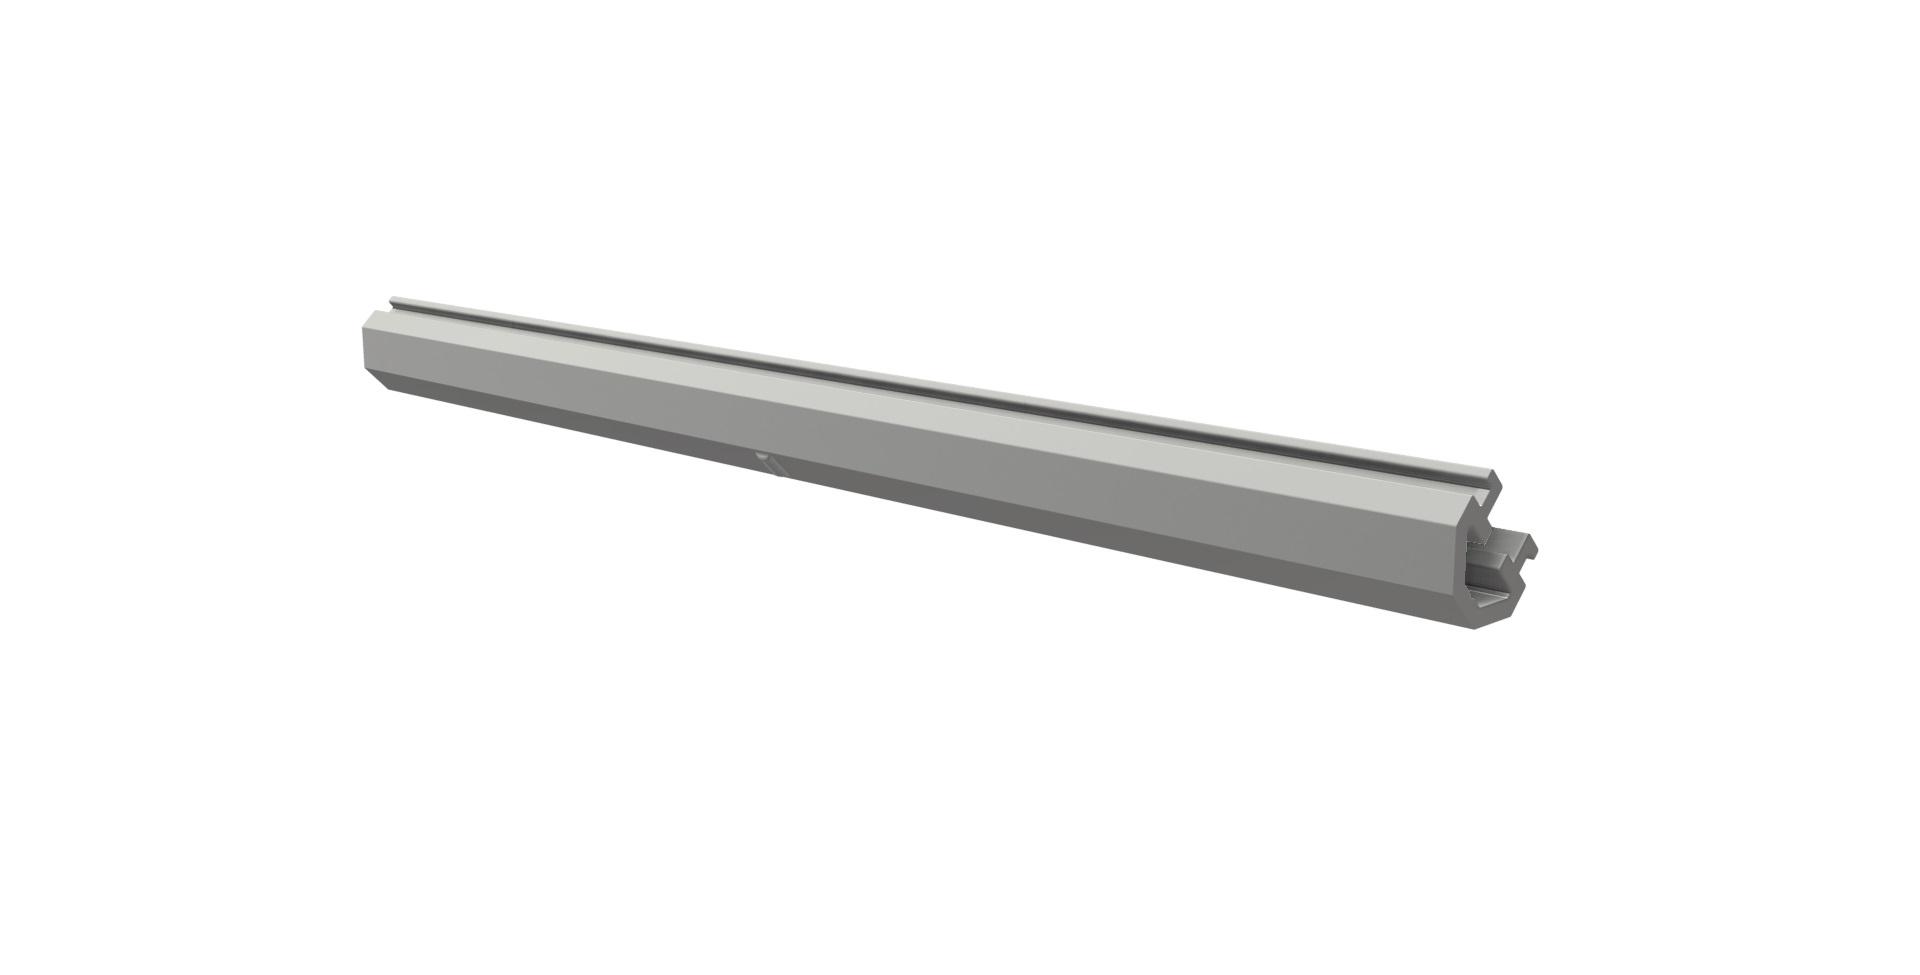 1 Stk Schienenverbinder universal PVF31150--